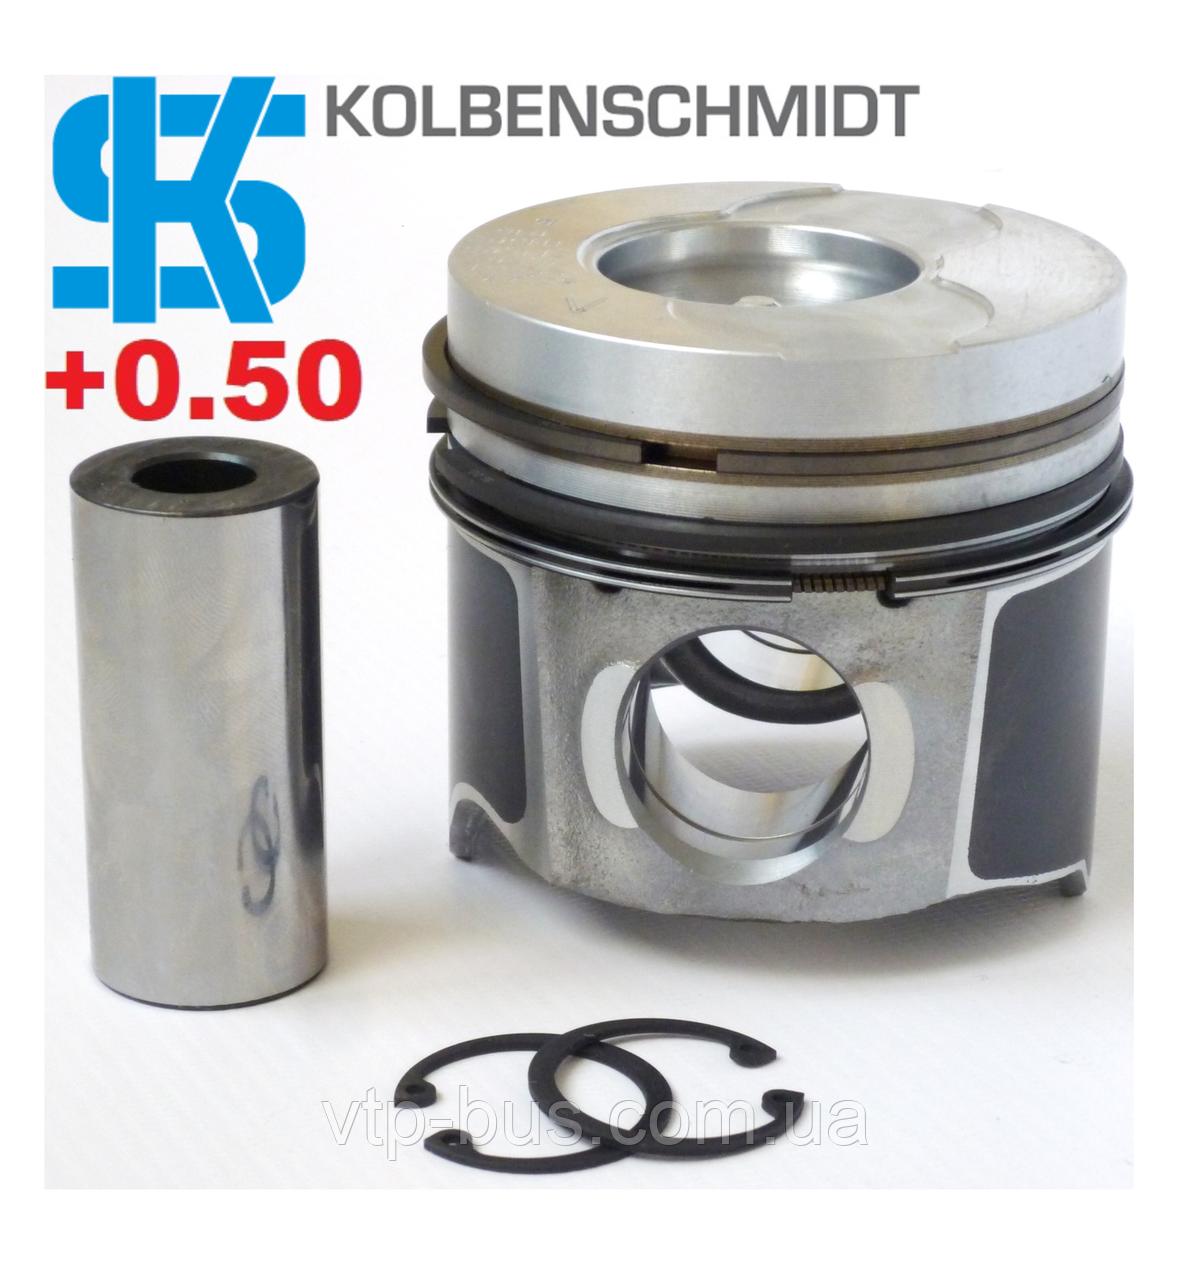 Поршень двигателя (d=80.50 2-й ремонт) на Renault Trafic 1.9dCi (2001-2006) Kolbenschmidt (Германия) 99561620